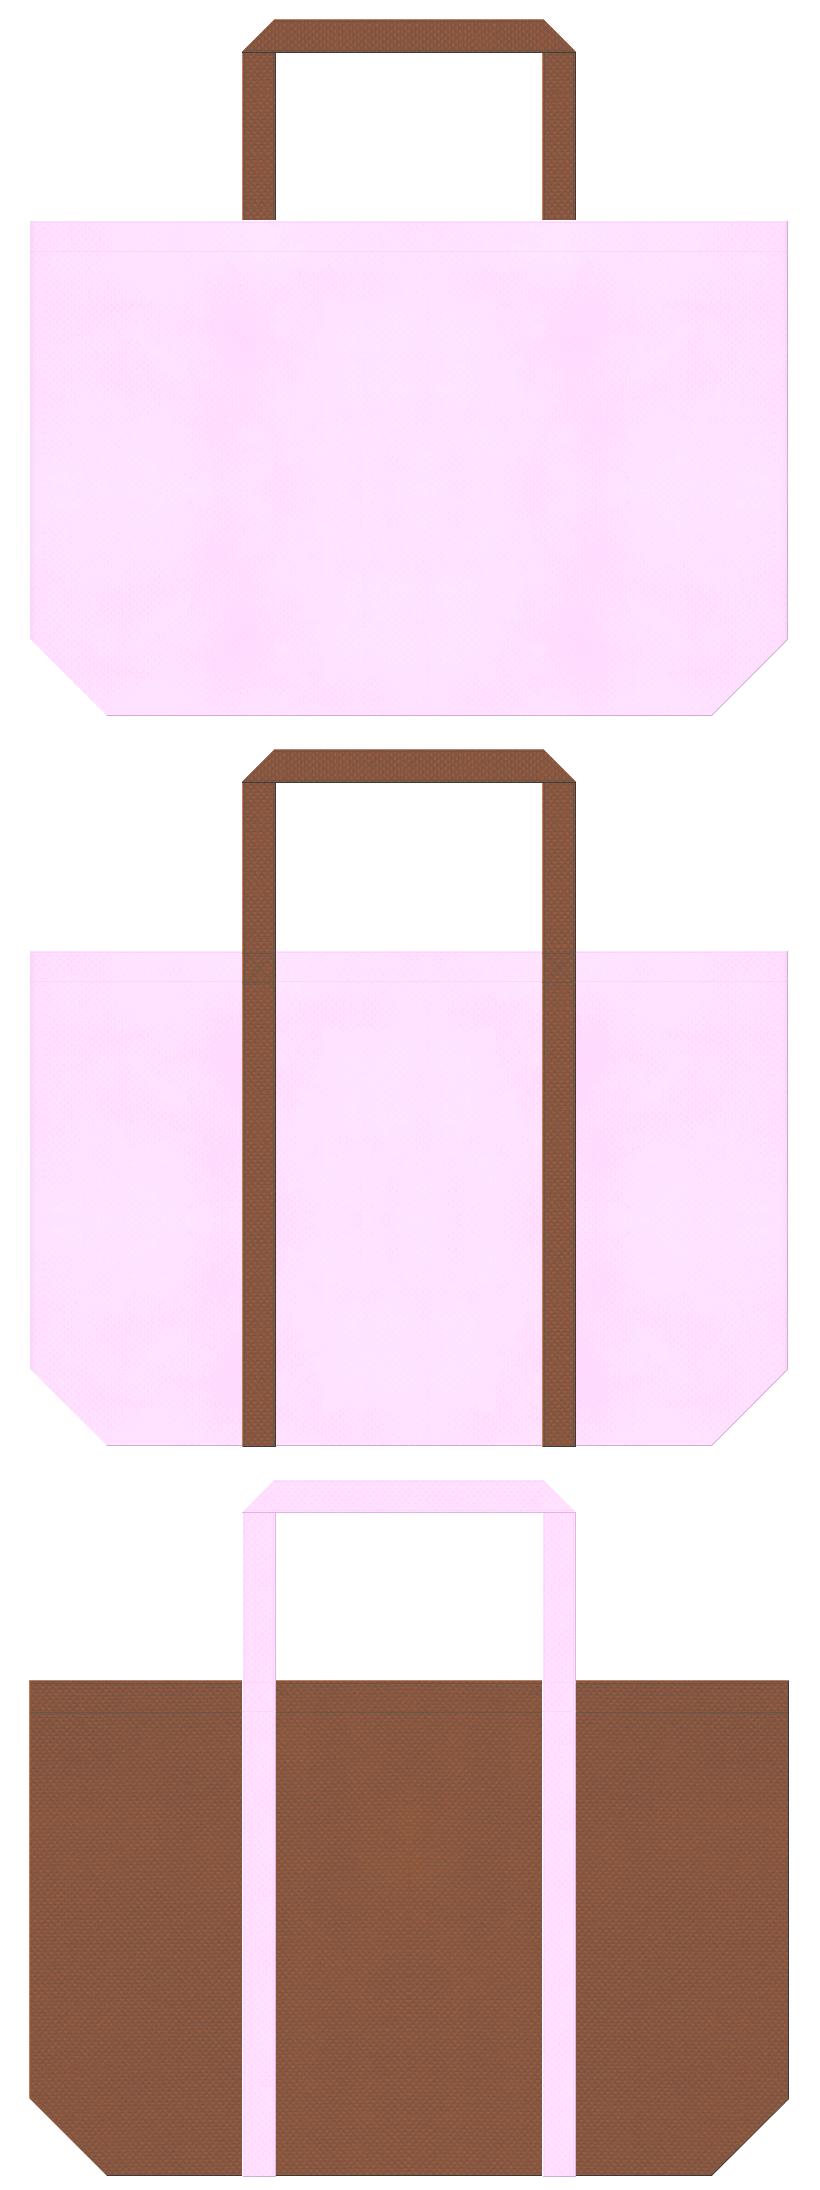 ペットショップ・ペットサロン・ペット用品・ペットフード・アニマルケア・絵本・おとぎ話・ポニー・ベアー・子犬・手芸・ぬいぐるみ・いちごチョコ・ガーリーデザインにお奨めの不織布バッグデザイン:明るいピンク色と茶色のコーデ